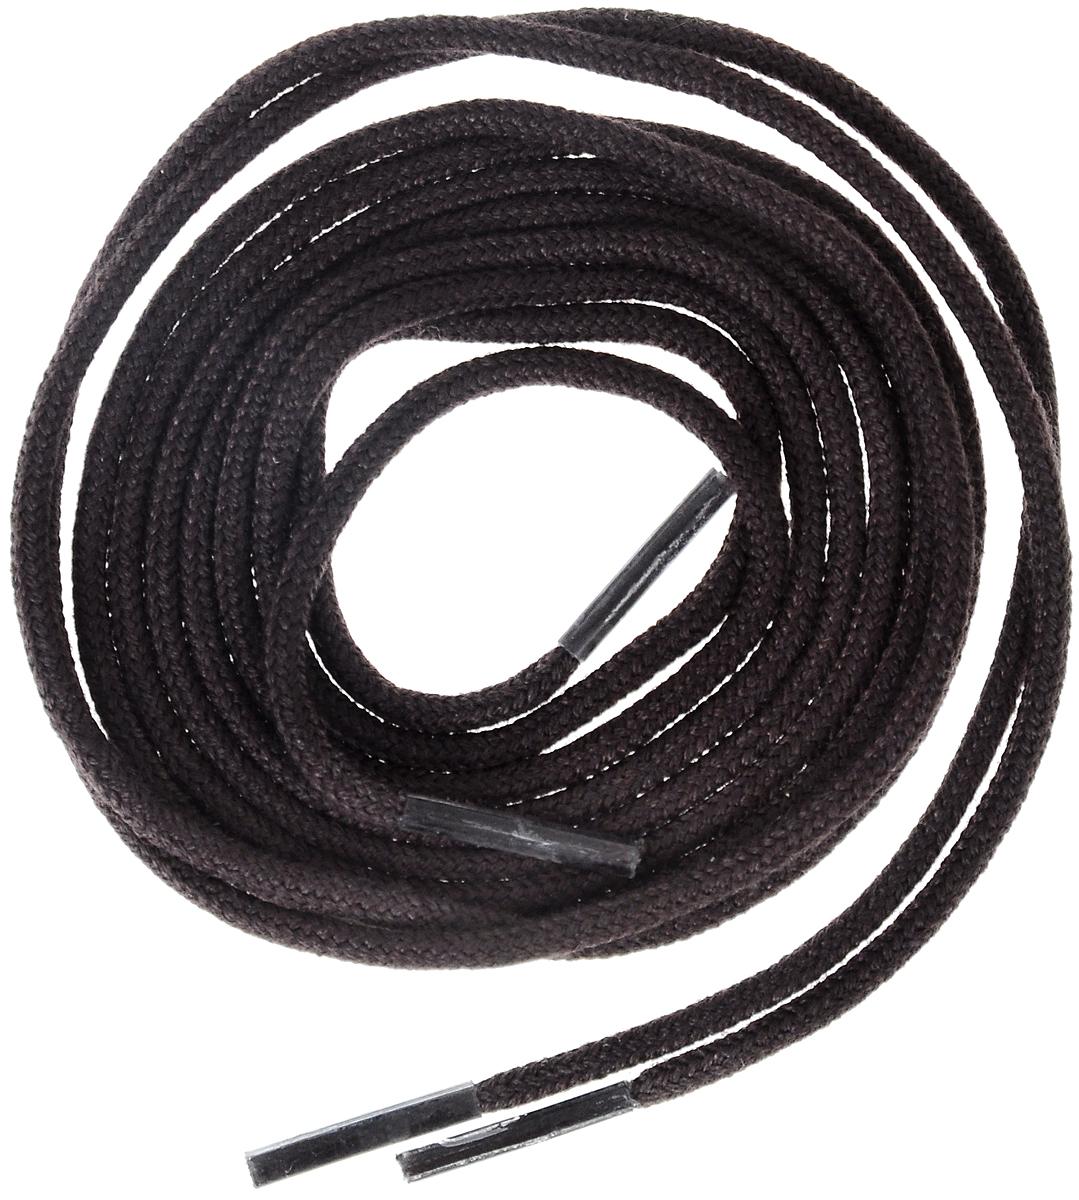 Шнурки тонкие Collonil Rund, цвет: темно-коричневый, длина 75 см4303 696Тонкие шнурки Collonil Rund изготовлены из 75% хлопка и 25% полиамида. Крепкие и удобные шнурки являются неотъемлемым аксессуаром и подходят для ношения модельной или предназначенной для отдыха и туризма обуви. Подходят для обуви с восемью отверстиями.